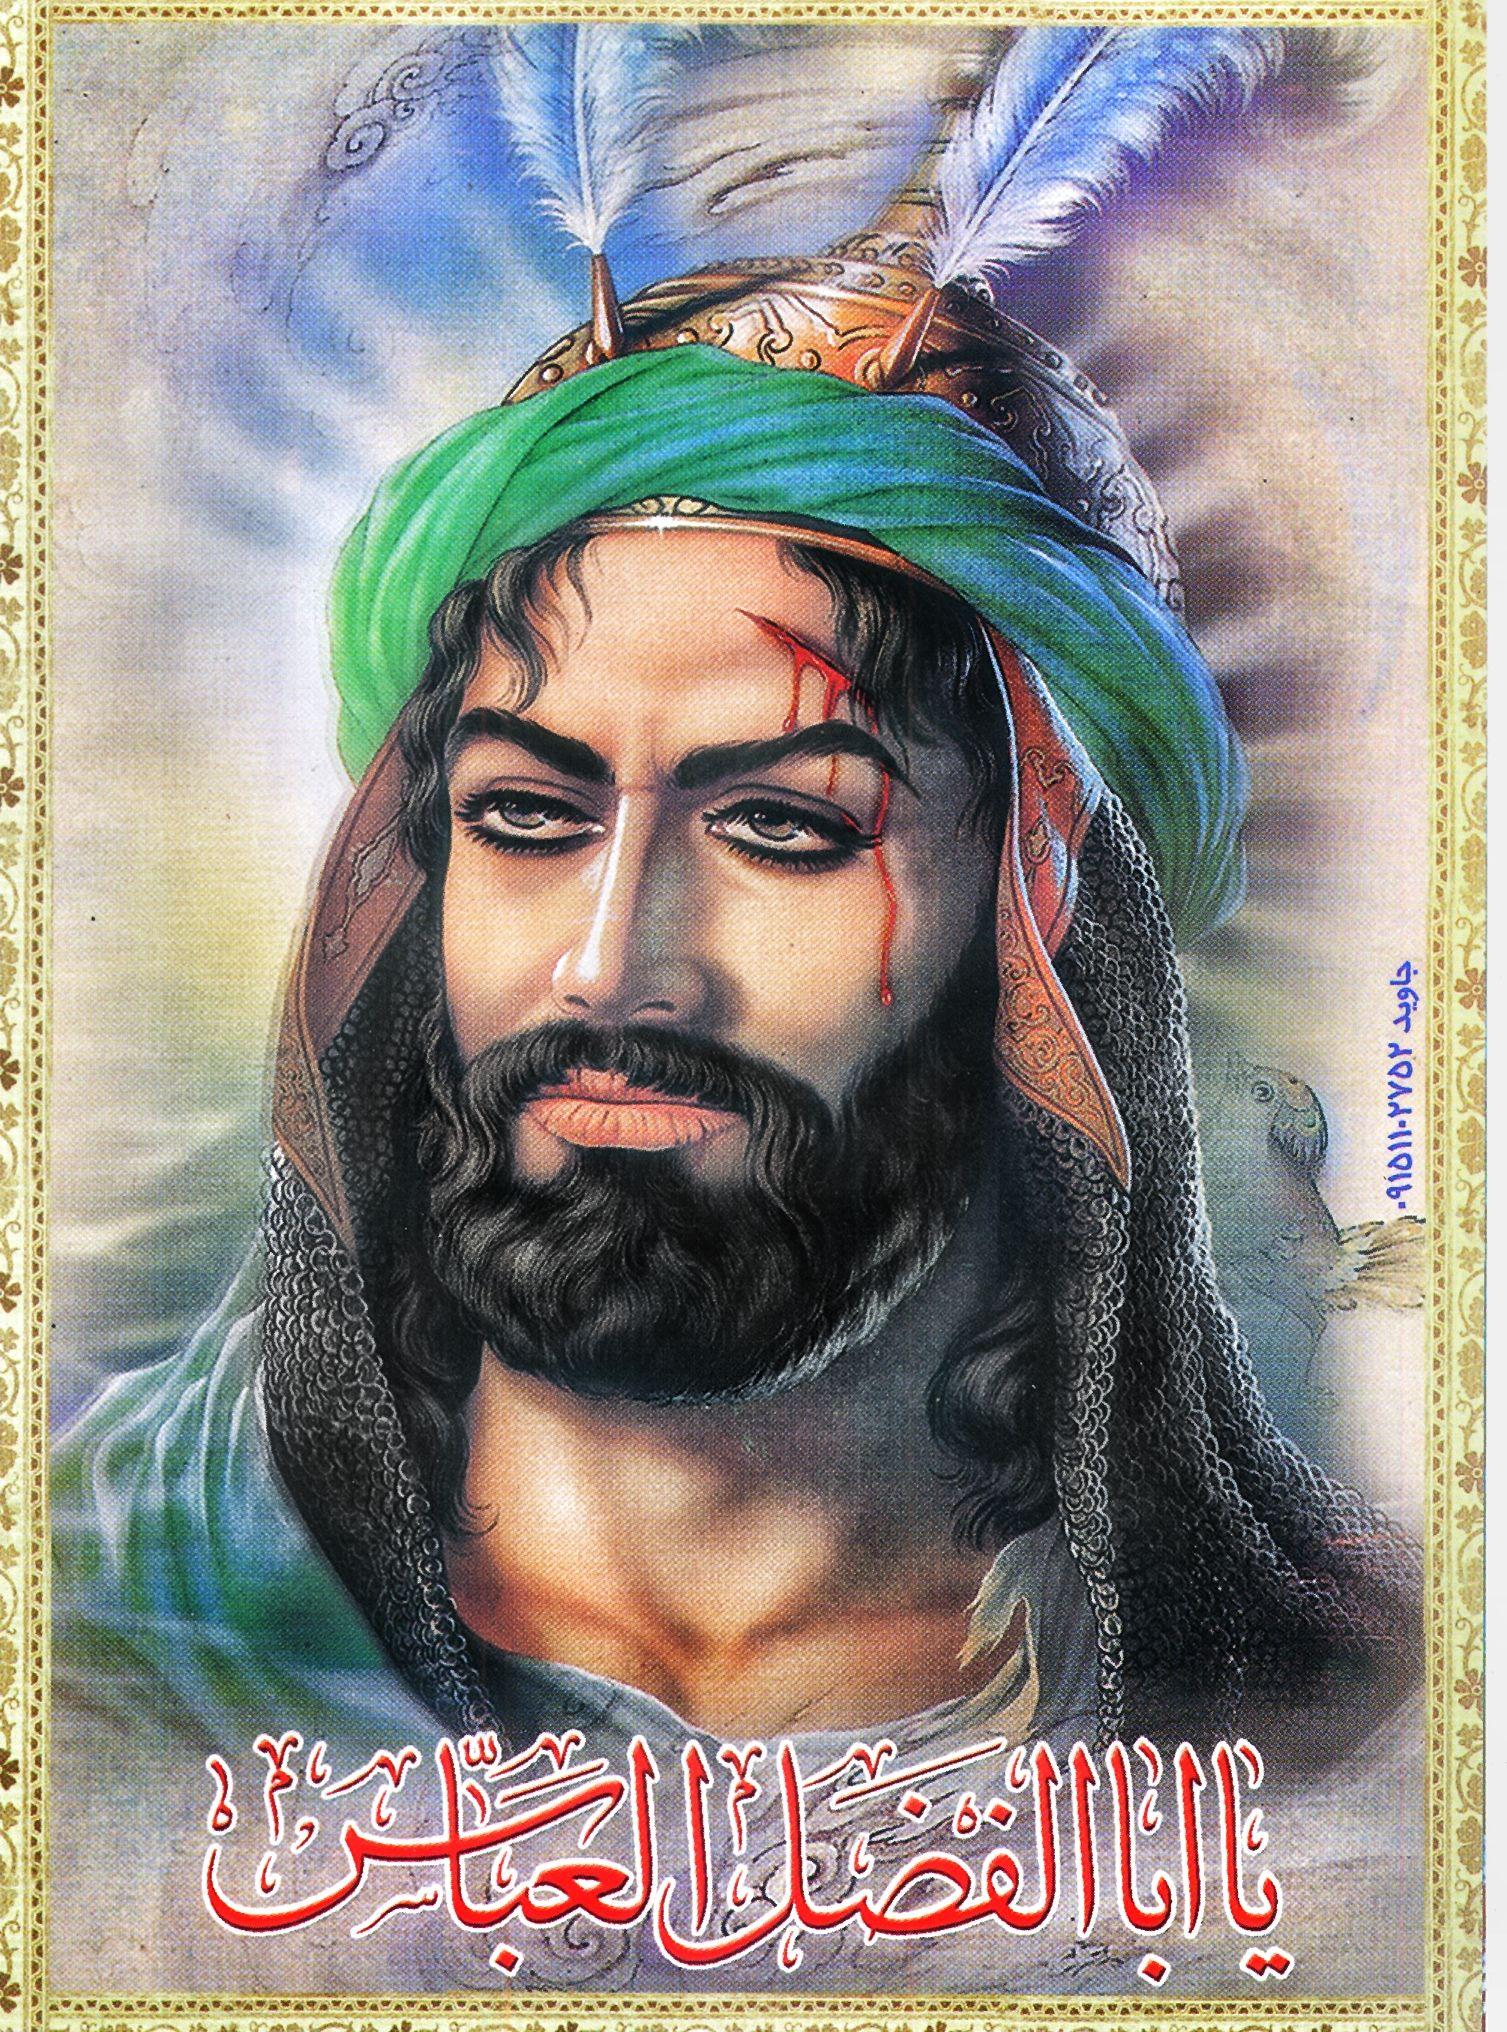 أبي الفضل العباس بن علي بن أبي طالب القرشي رحمه الله Islamic Pictures Islamic Art Islamic Calligraphy